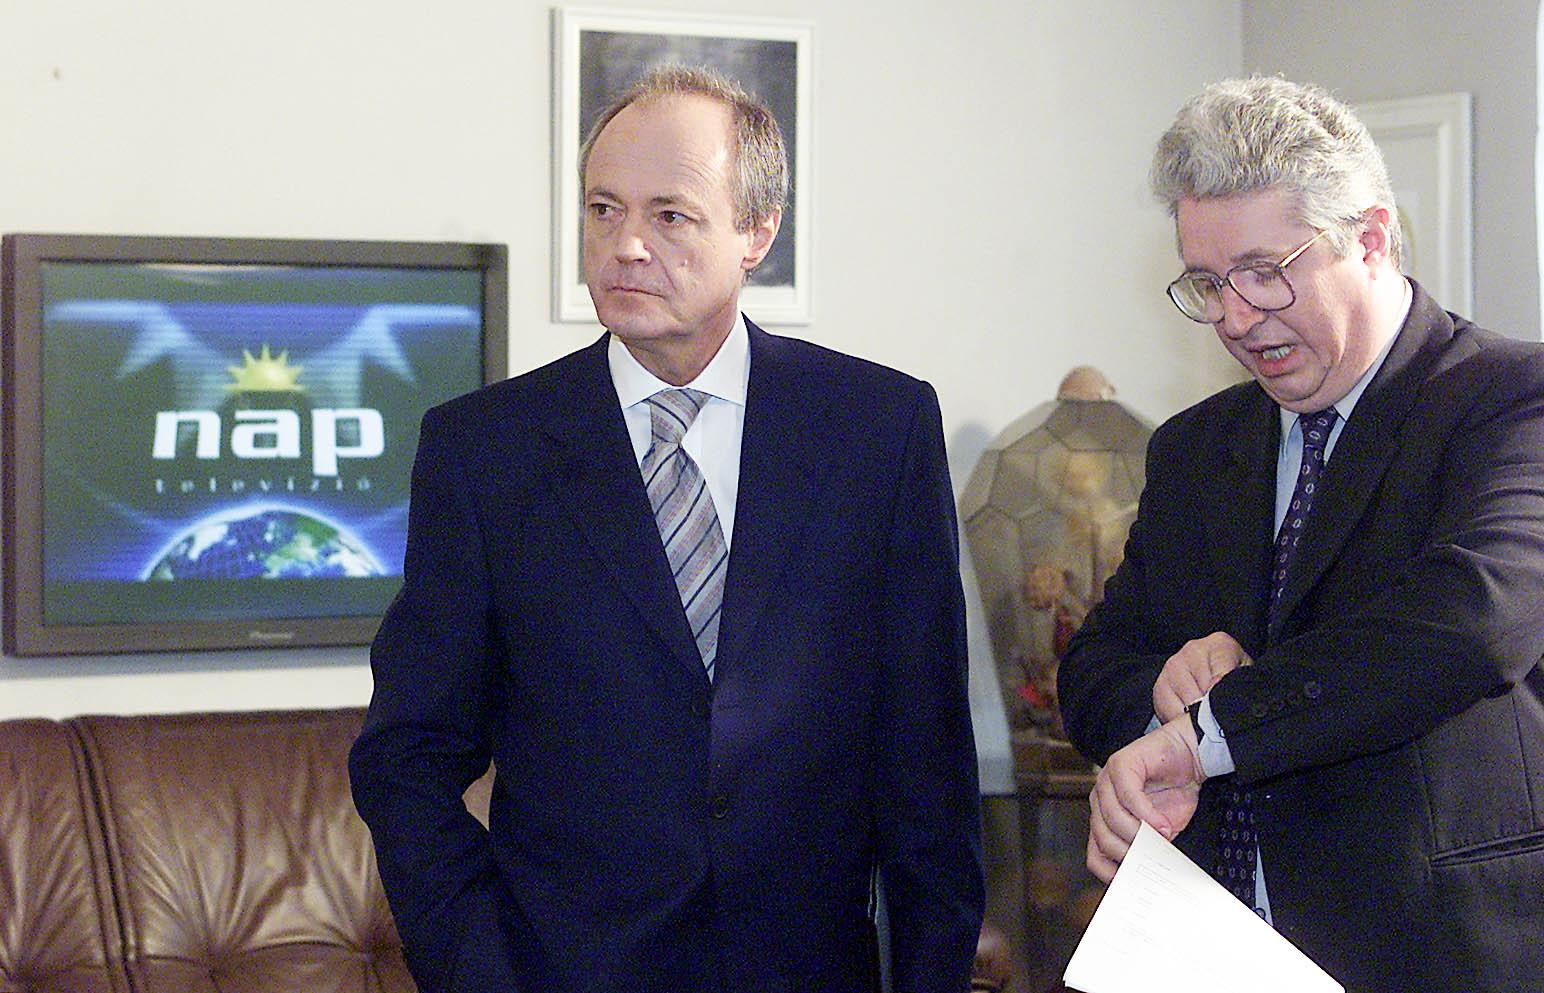 Az SZT-tisztből lett miniszterelnök, Medgyessy Péter és Pallagi Ferenc újságíró a Nap-keltében / MTI Fotó: Illyés Tibor